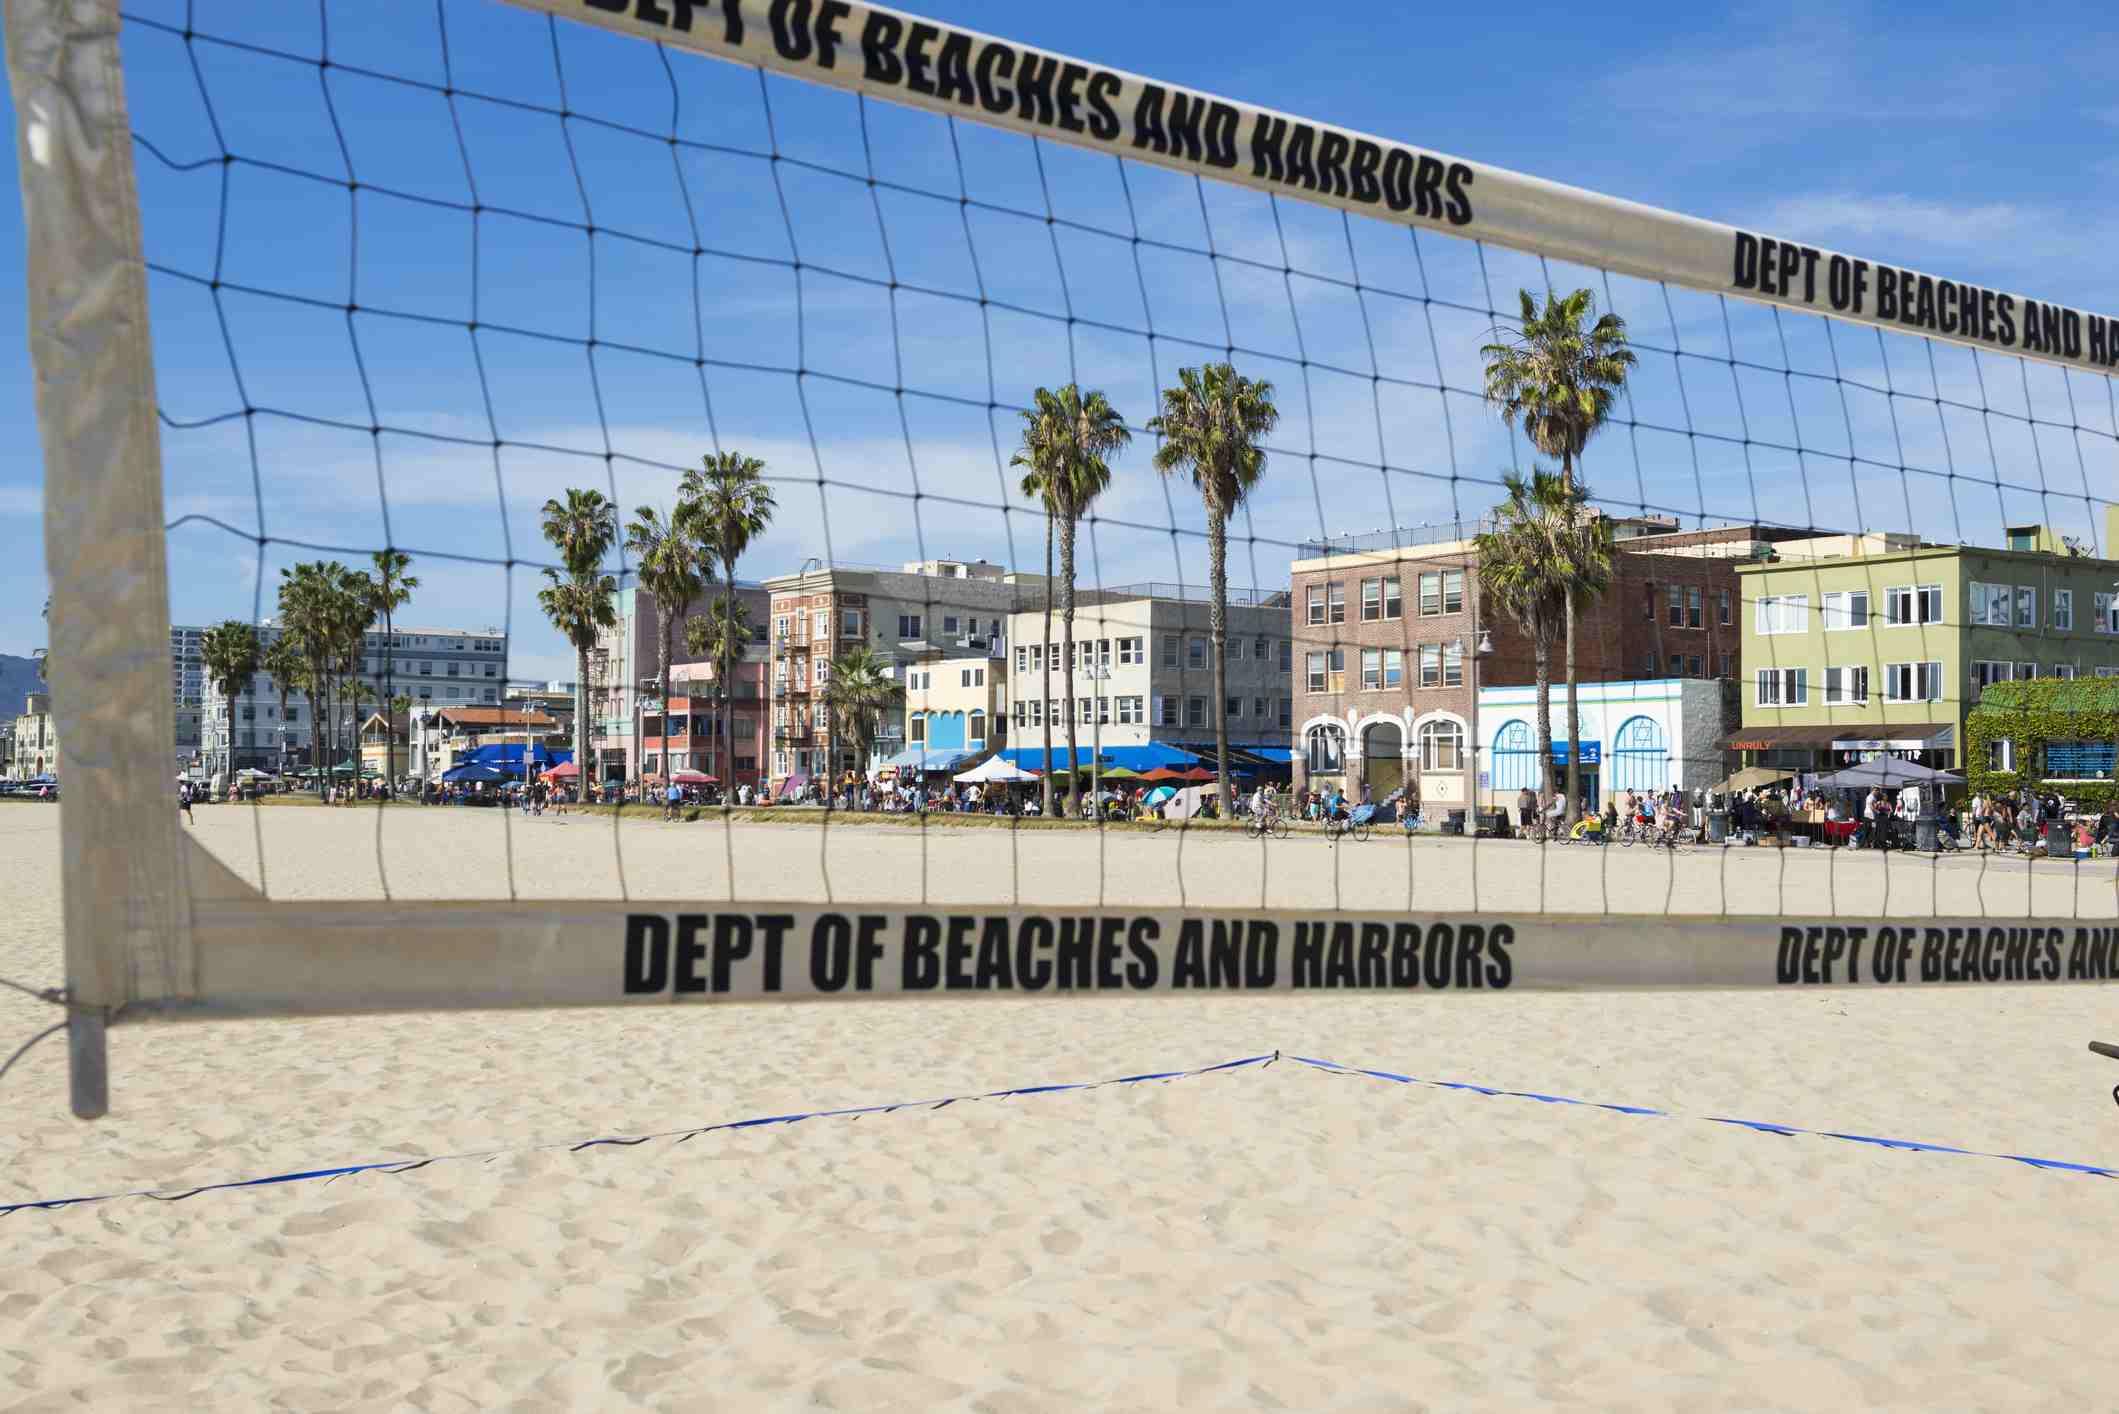 Venice Beach viewed through volleball net